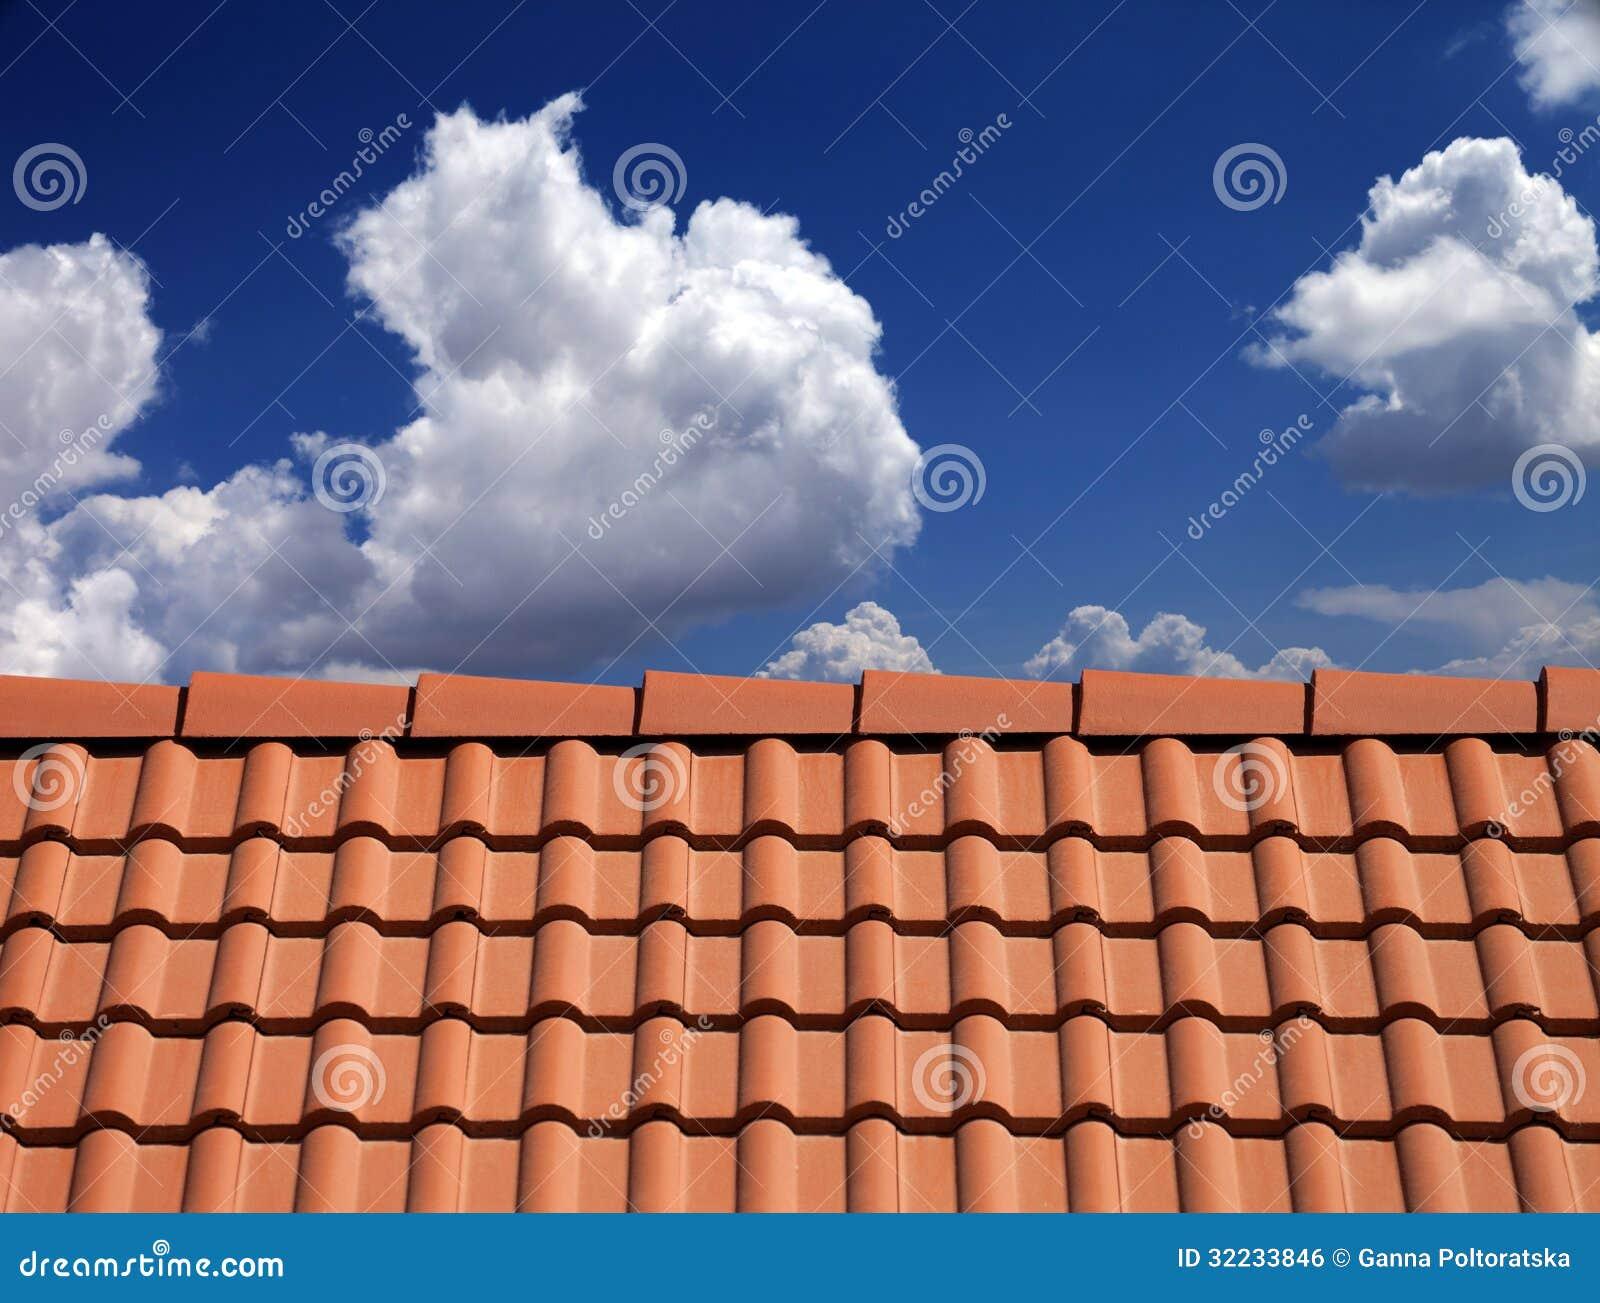 azul cielo tejado